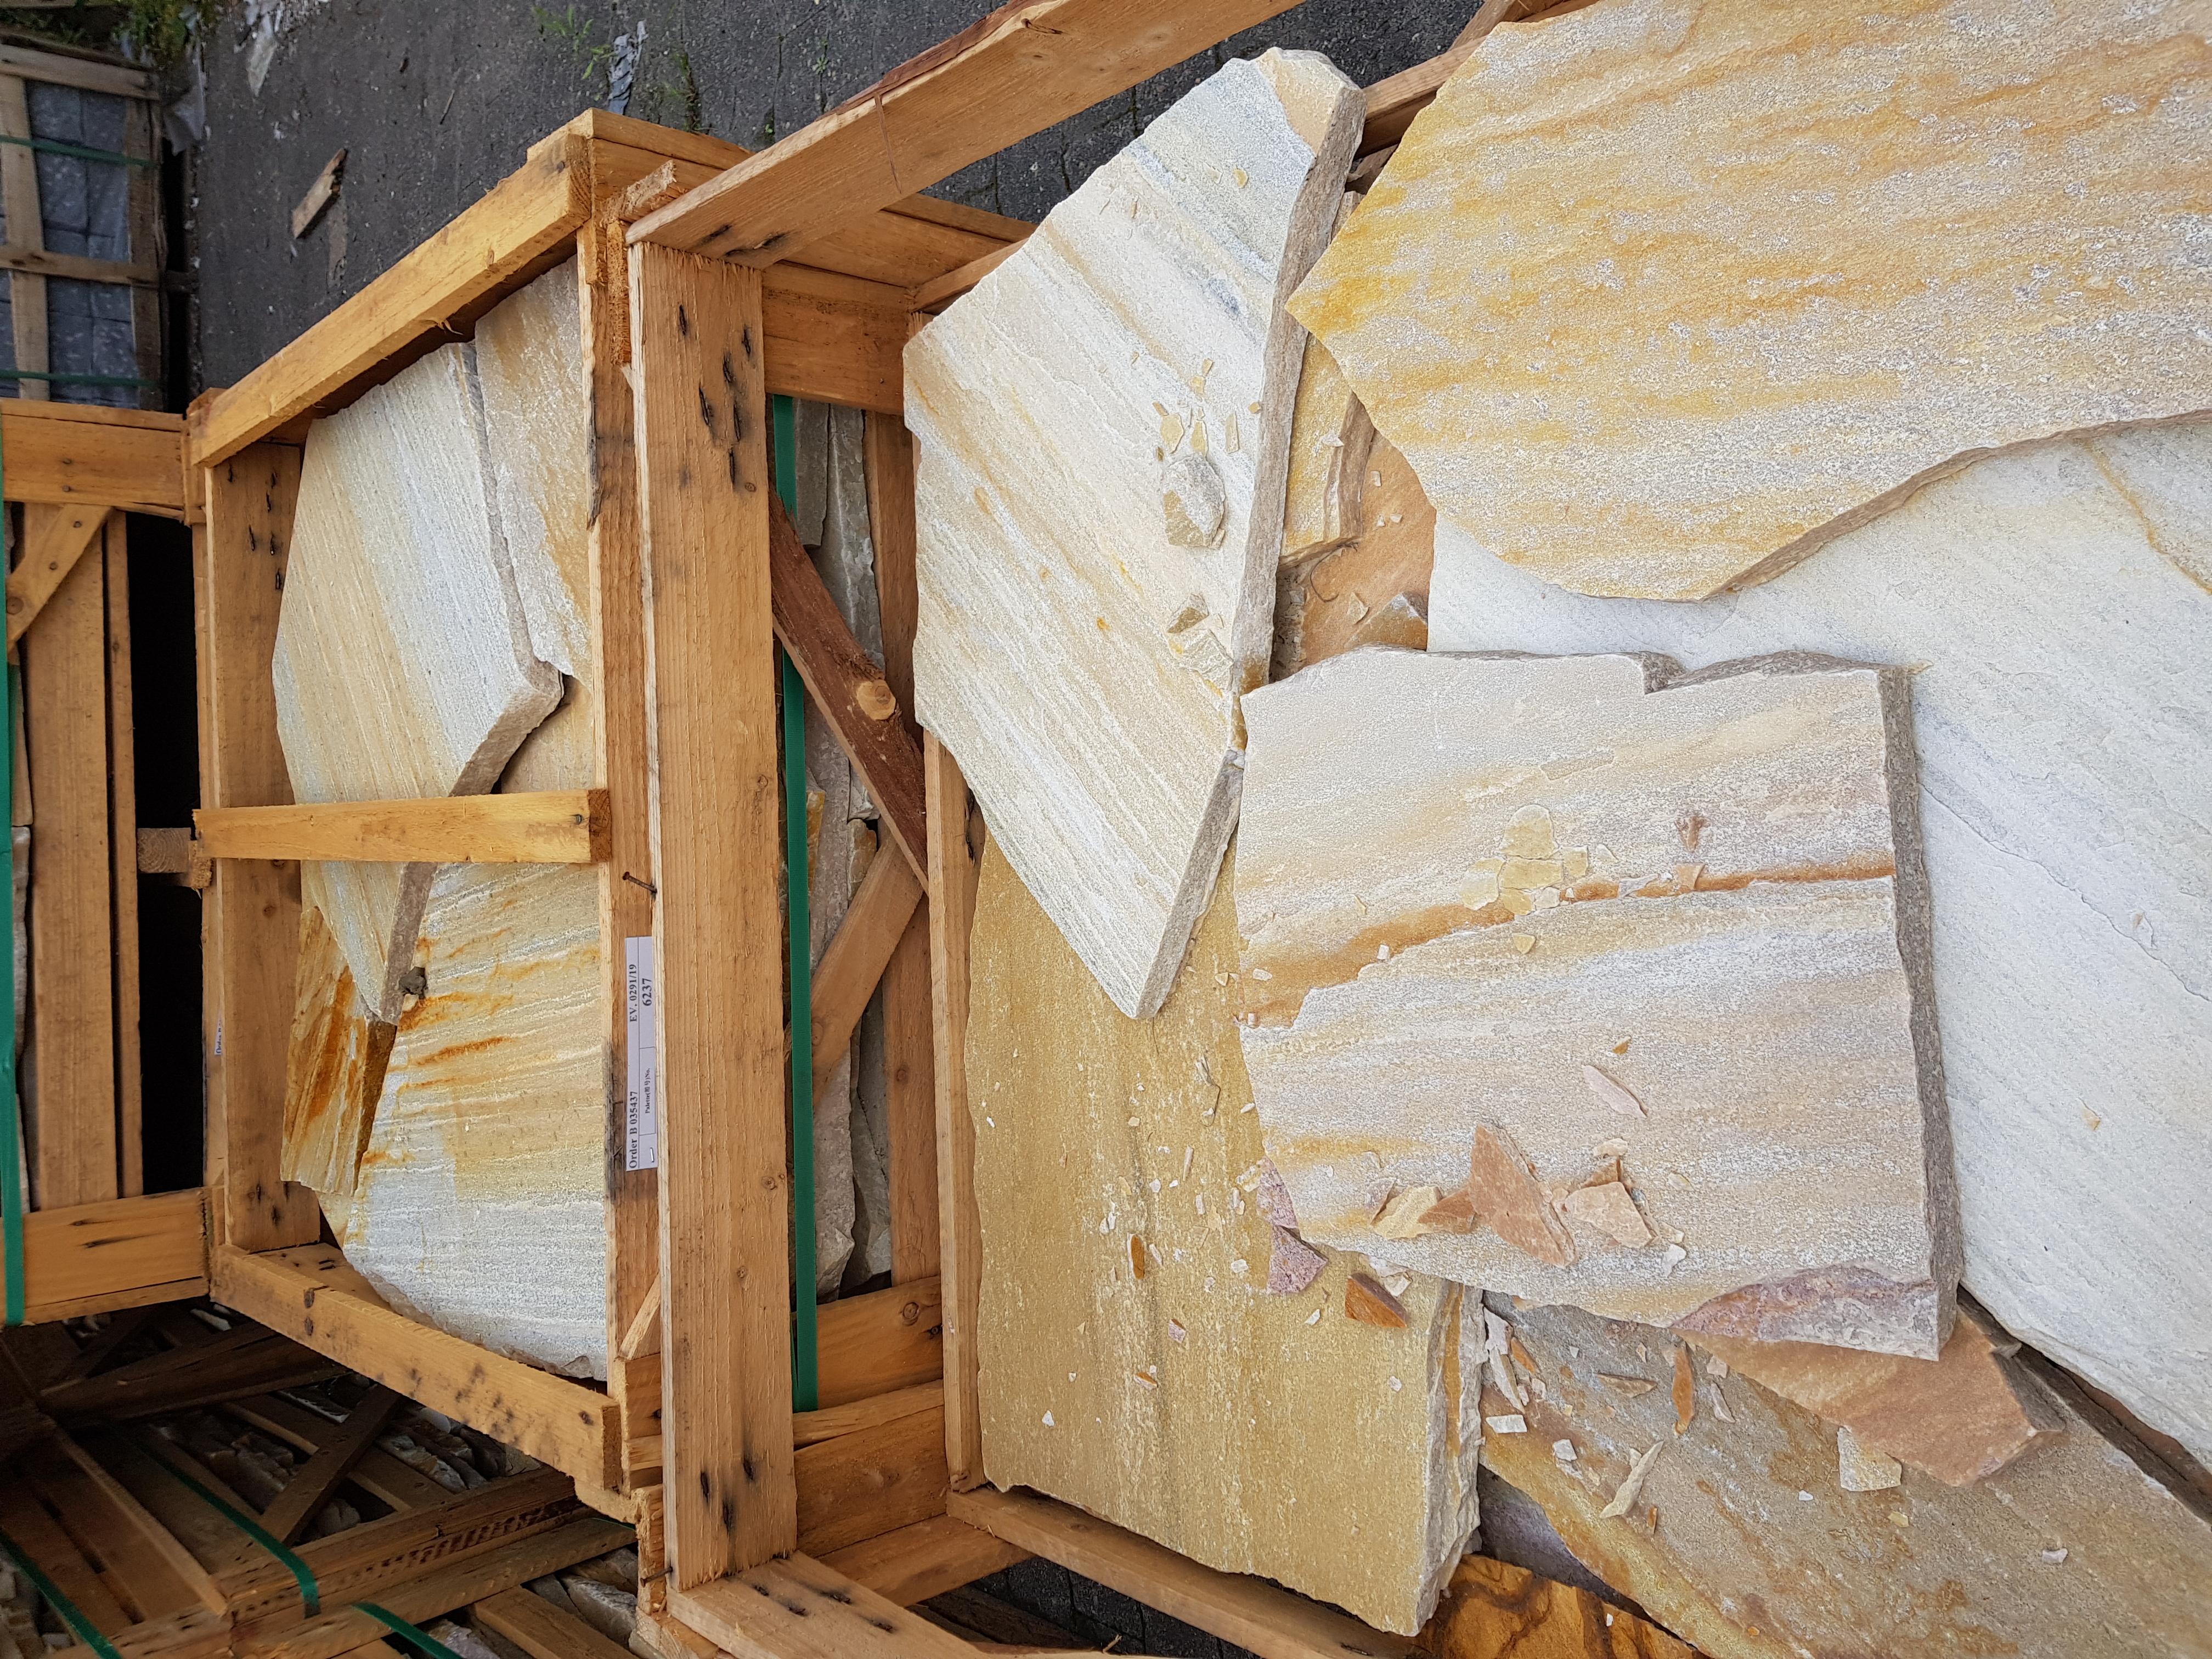 Polygonalplatten Rio Dorado 2 -4 cm